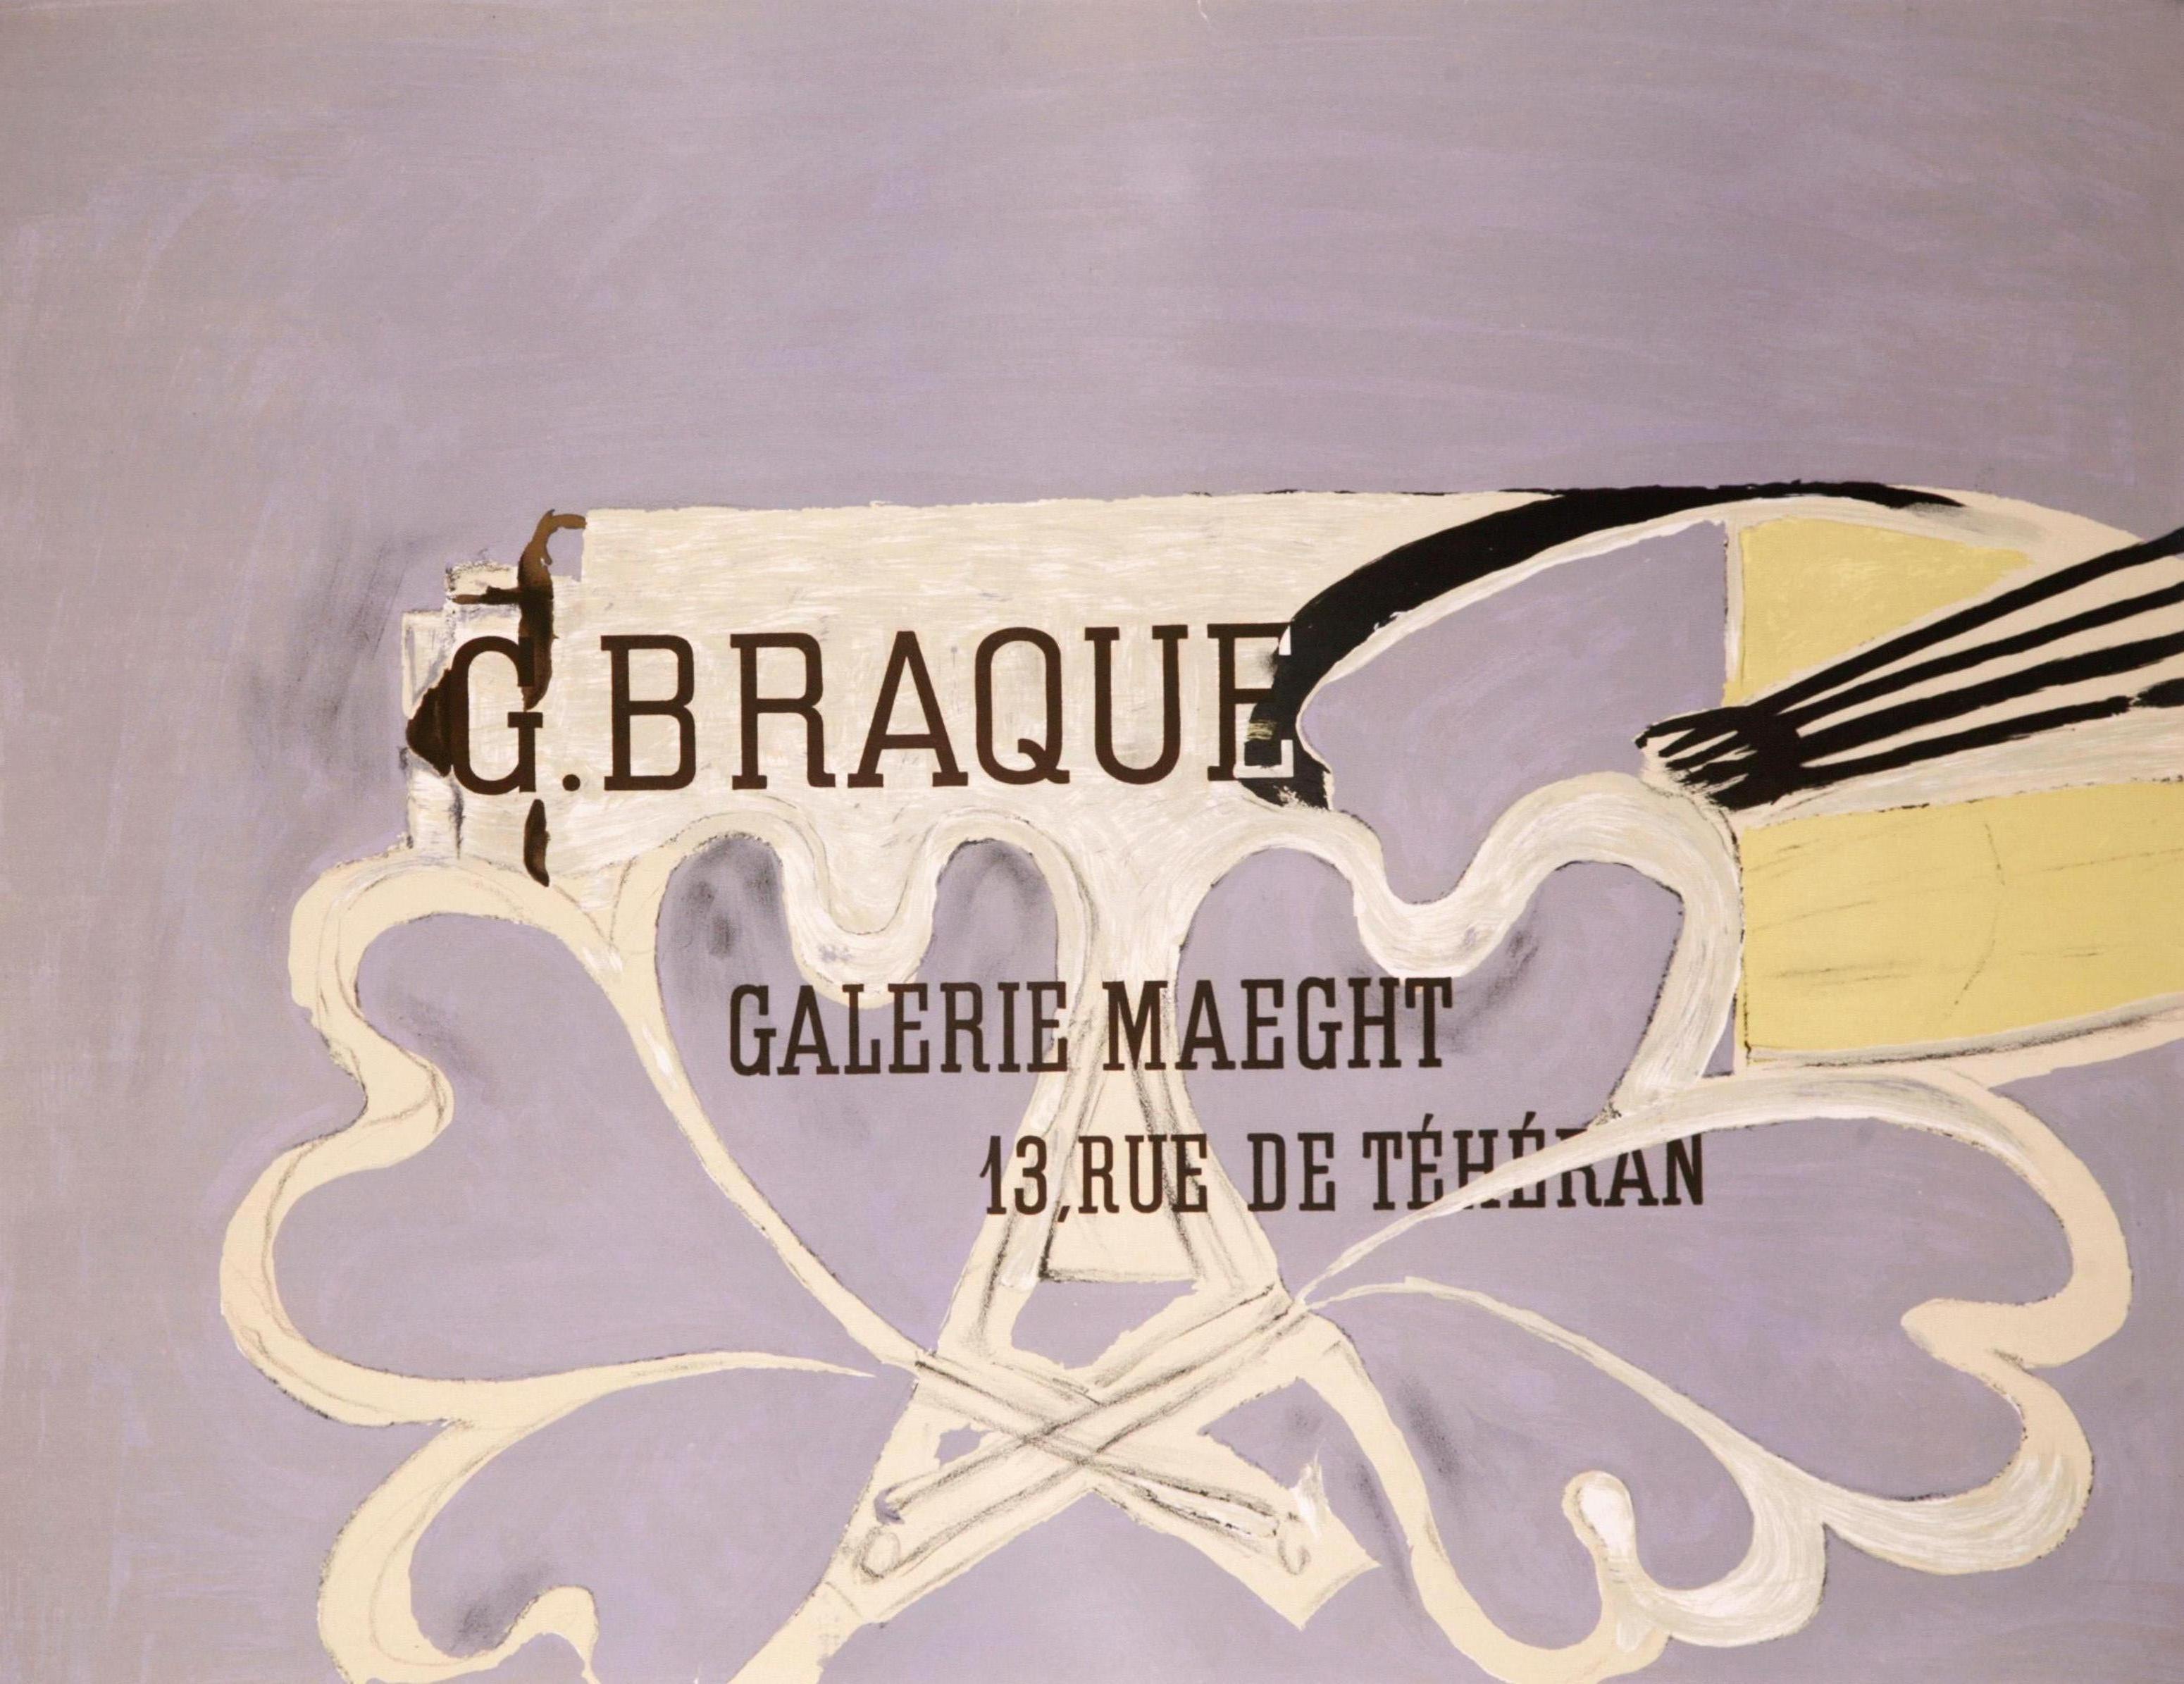 La Palette au Fond Gris - Galerie Maeght (after) Georges Braque, 1952